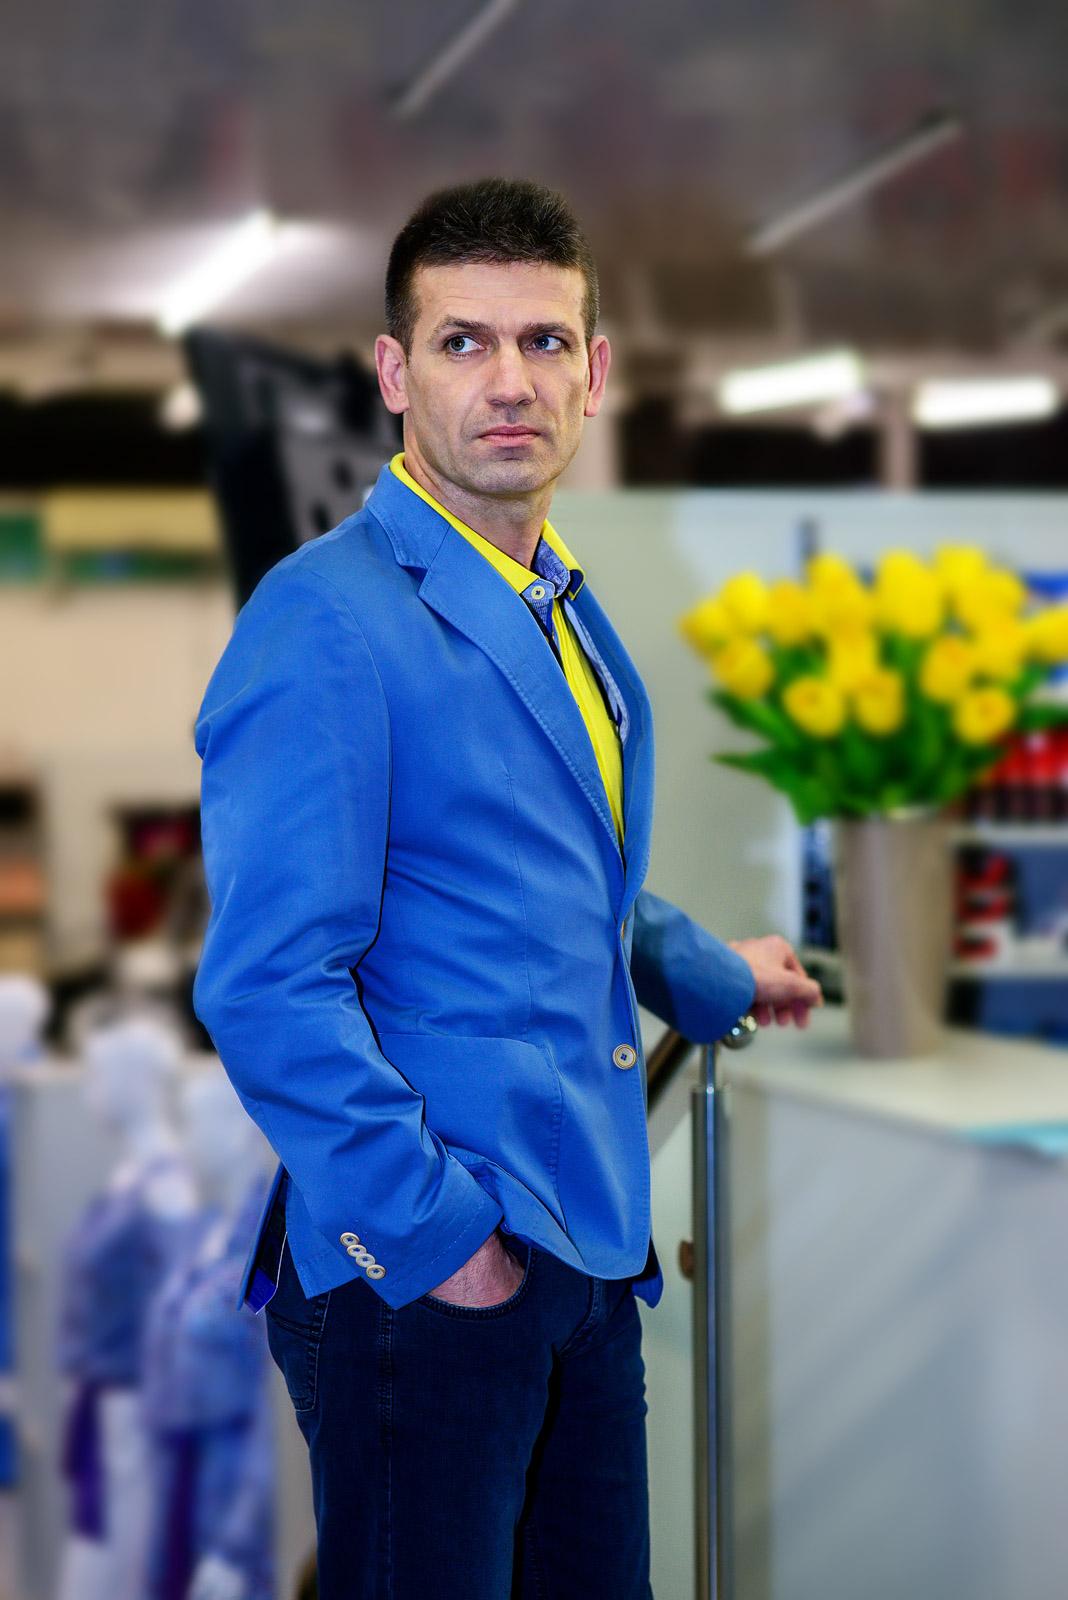 marynarka Pierre Cardin 699 zł polo żółte Pierre Cardin 199 zł spodnie jeans Pioneer 299 zł   Leopold Radliński